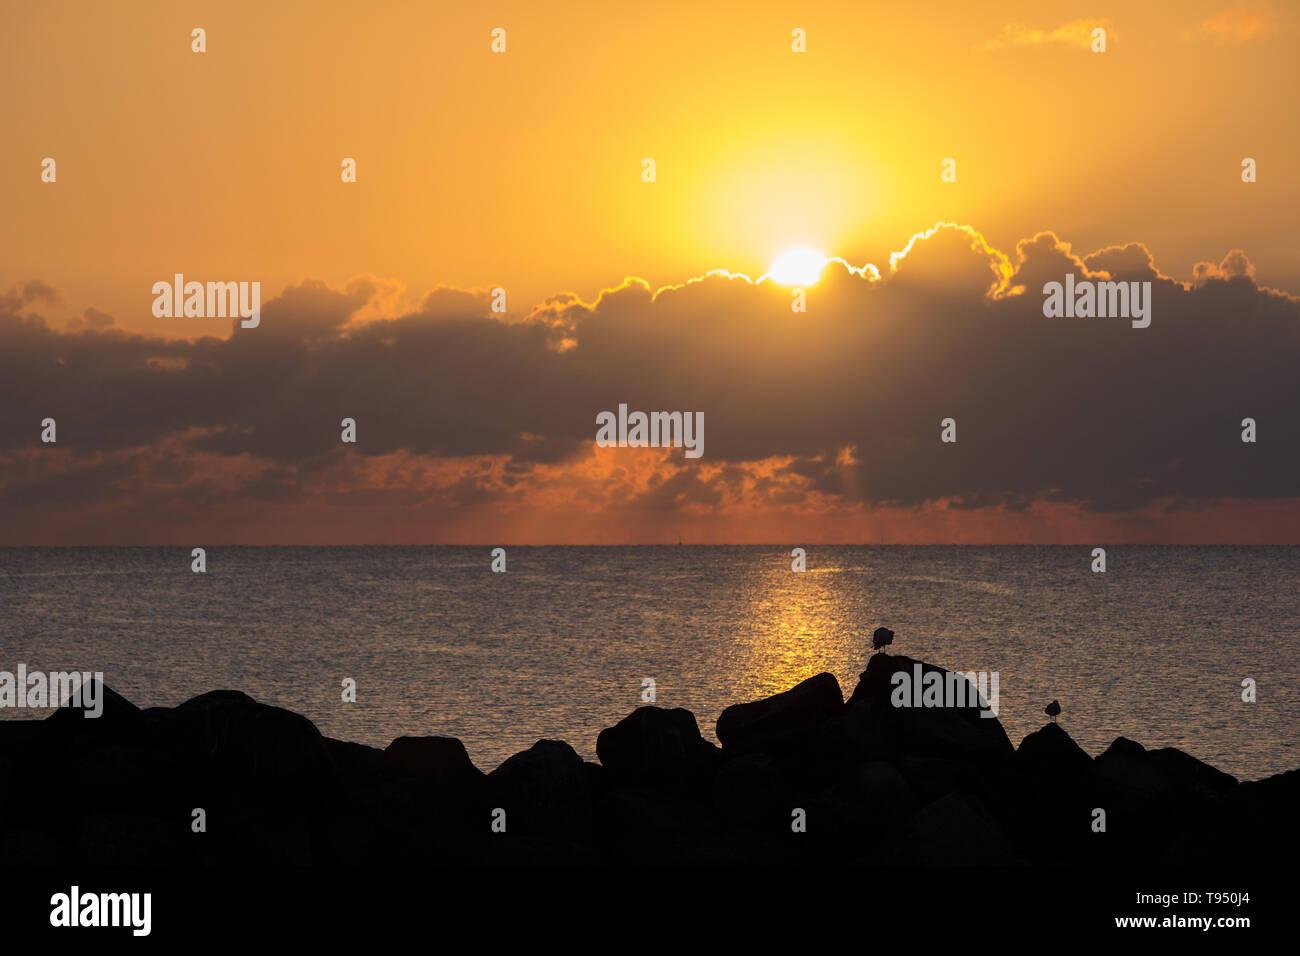 Sonnenaufgang in Kiel Schilksee, Schleswig-Holstein, Deutschland / sunrise in kiel schilksee, schleswig-holstein, germany - Stock Image